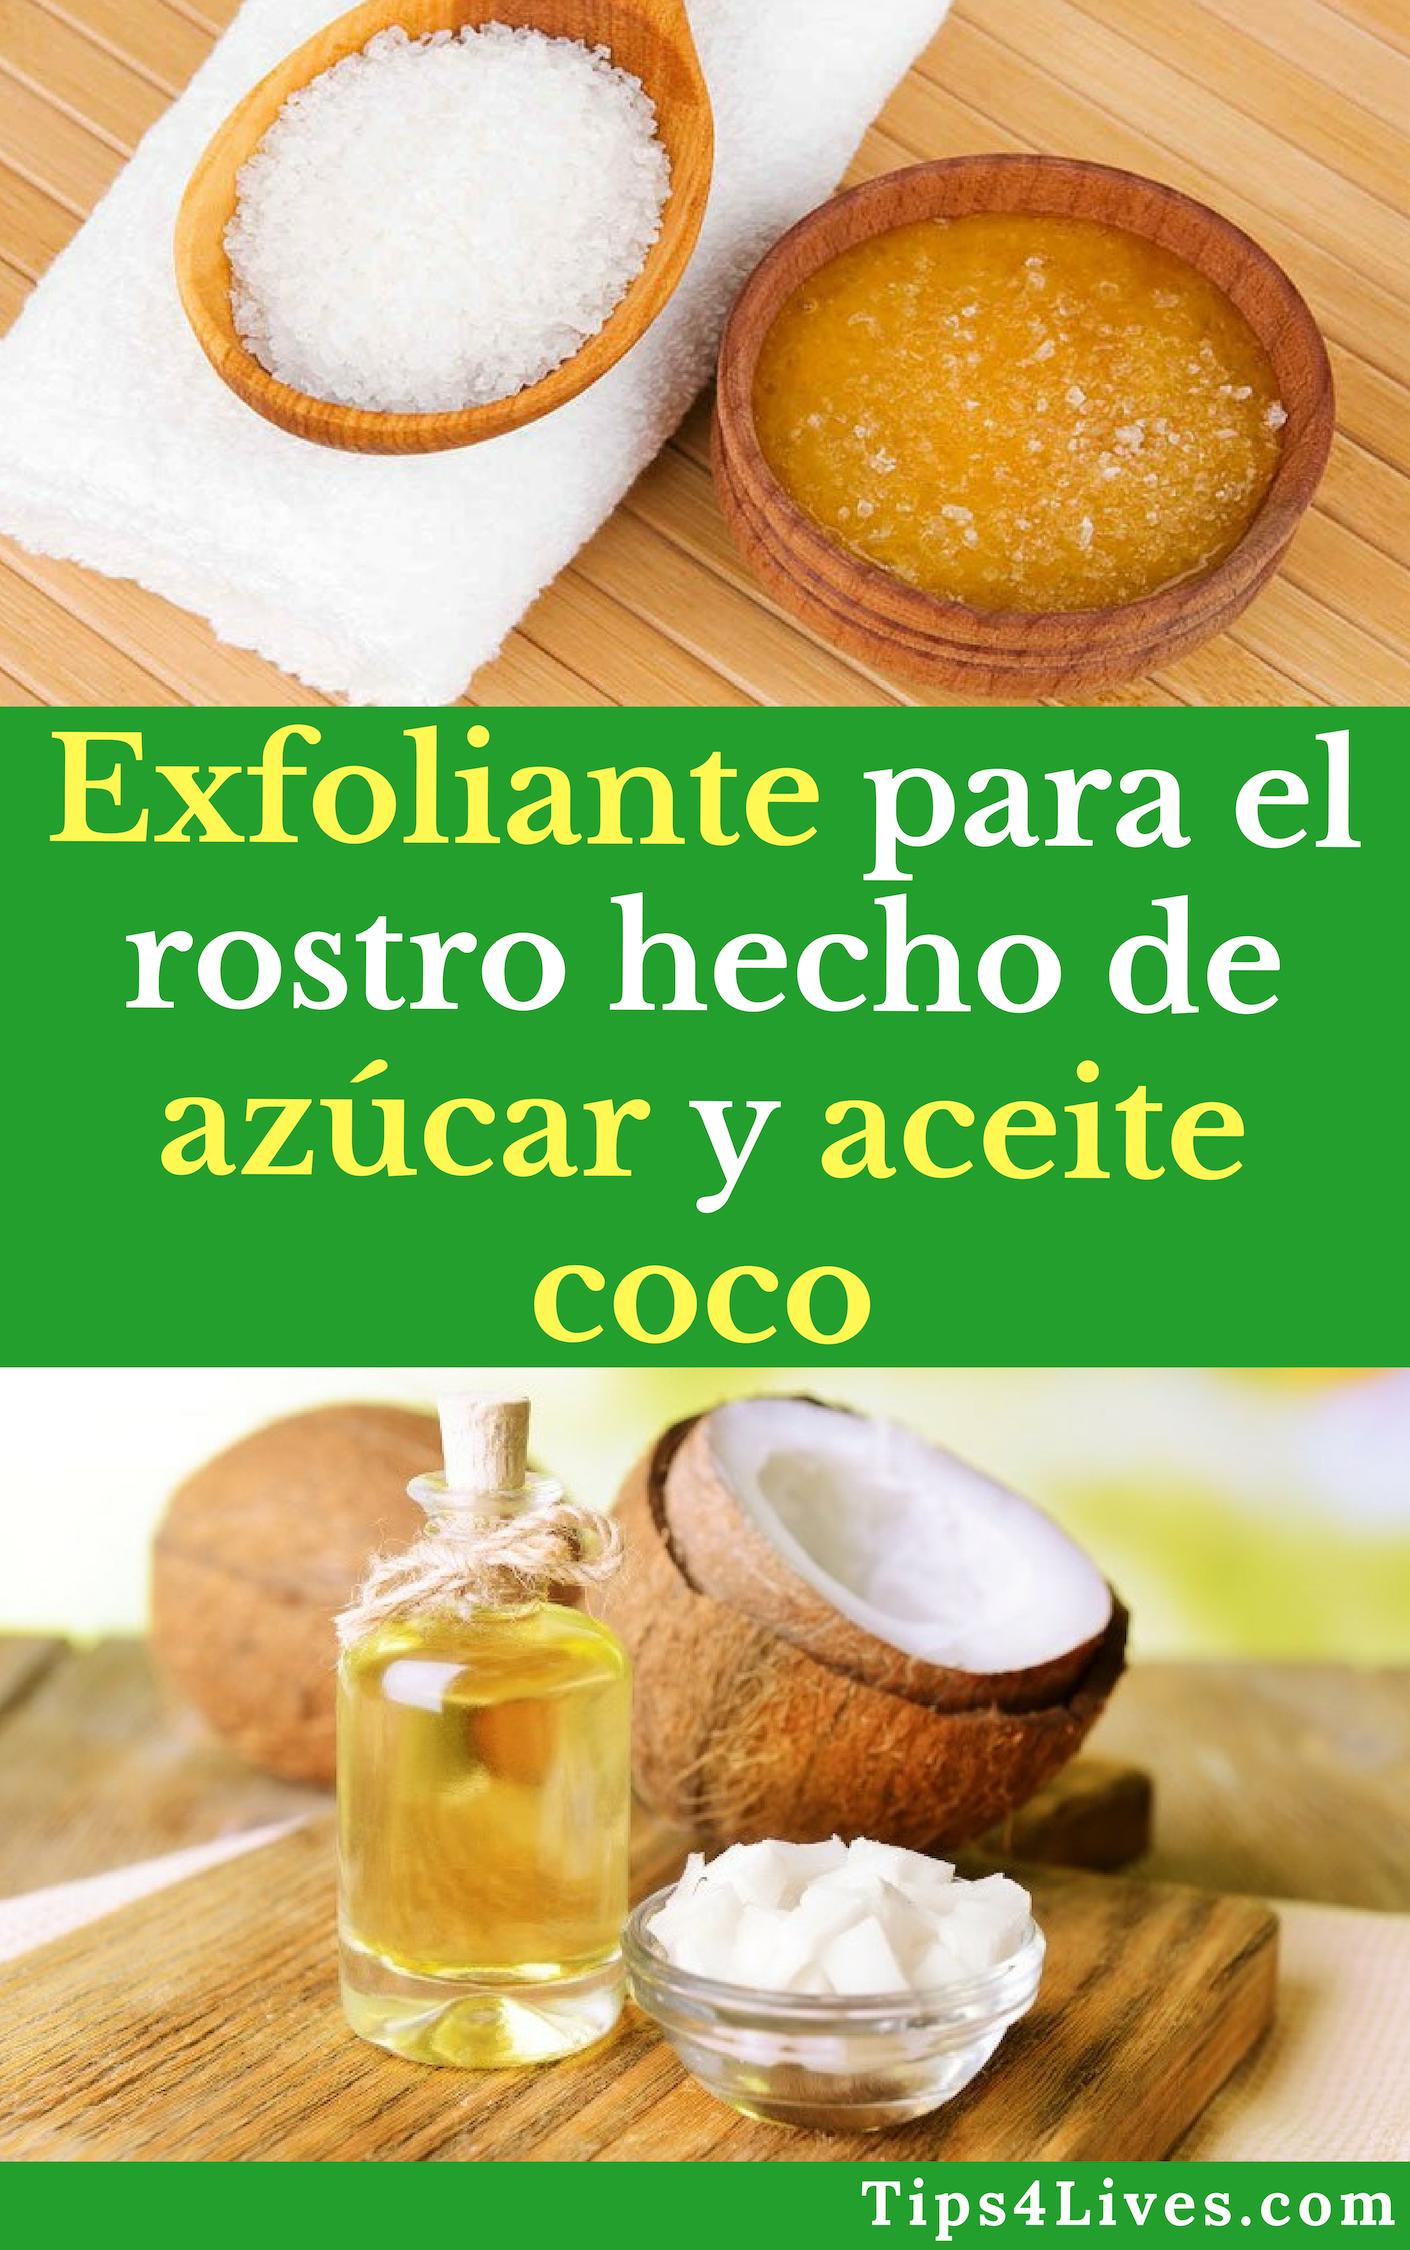 Exfoliante Para El Rostro Hecho De Azúcar Y Aceite Coco Tips Life Vida Salud Remedios Tips4lives Diy Bienestar Exfoliante Bellez Skin Care Tips Skin